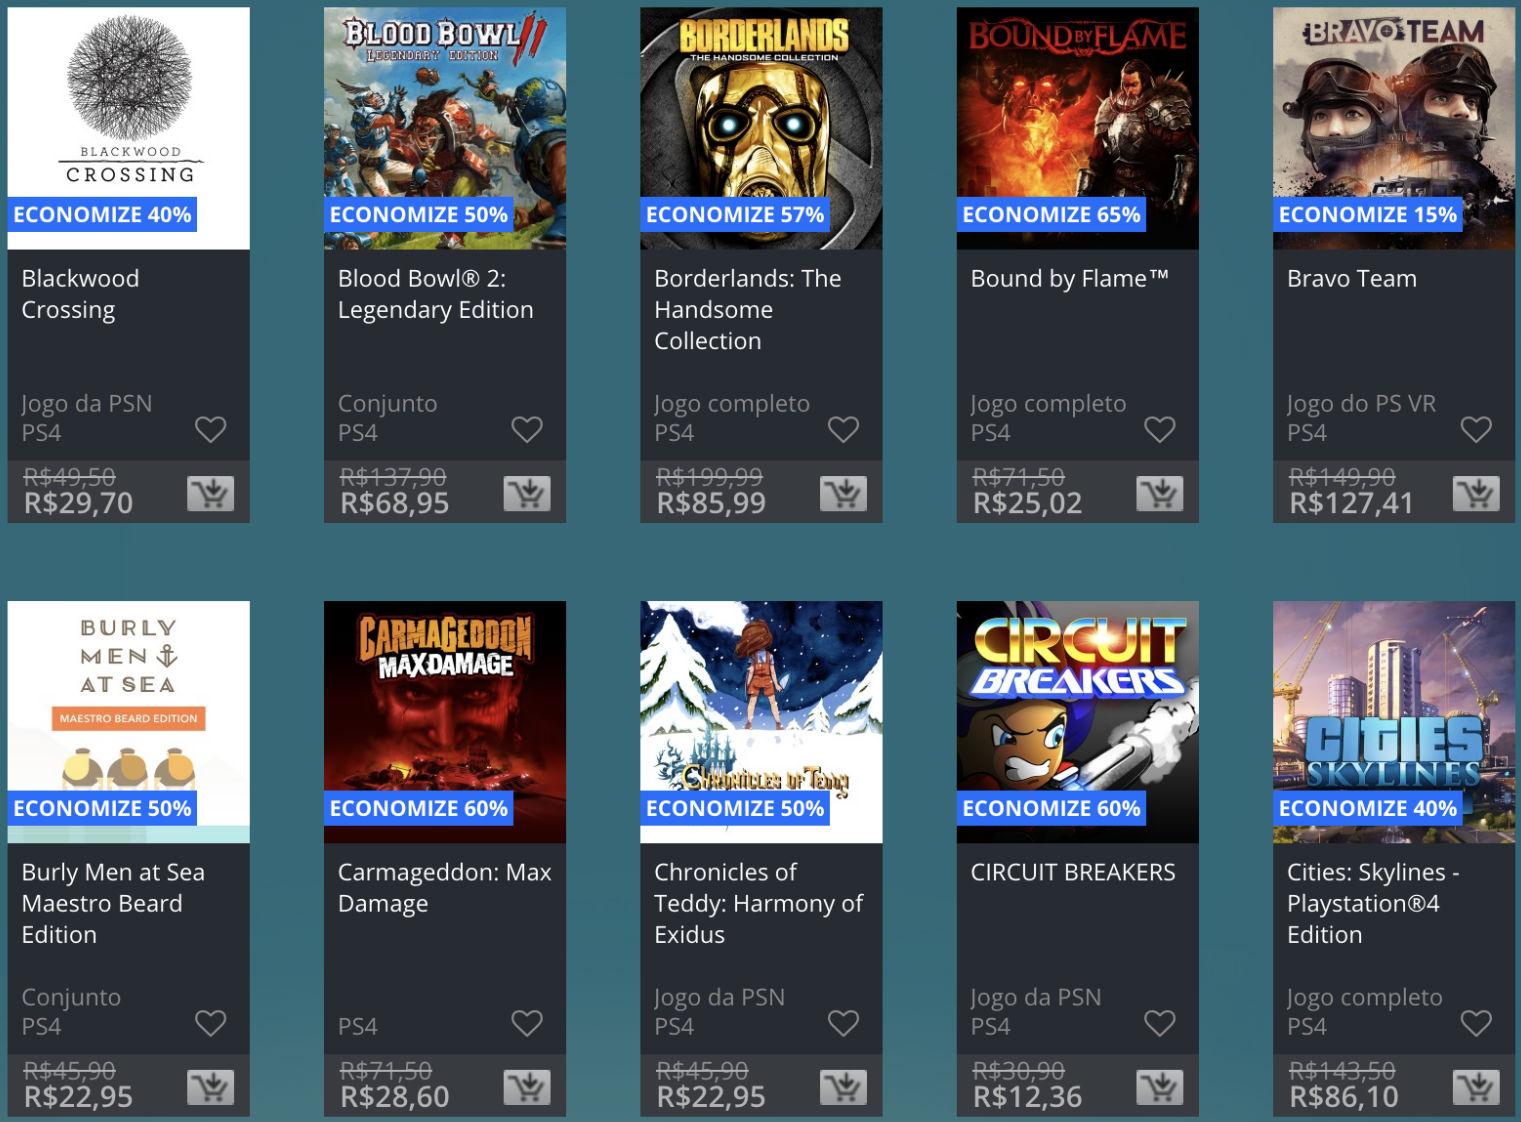 Promoção de Meio do Ano na PS Store com mais de 600 itens com preços que variam de R$ 10 a R$ 200 9